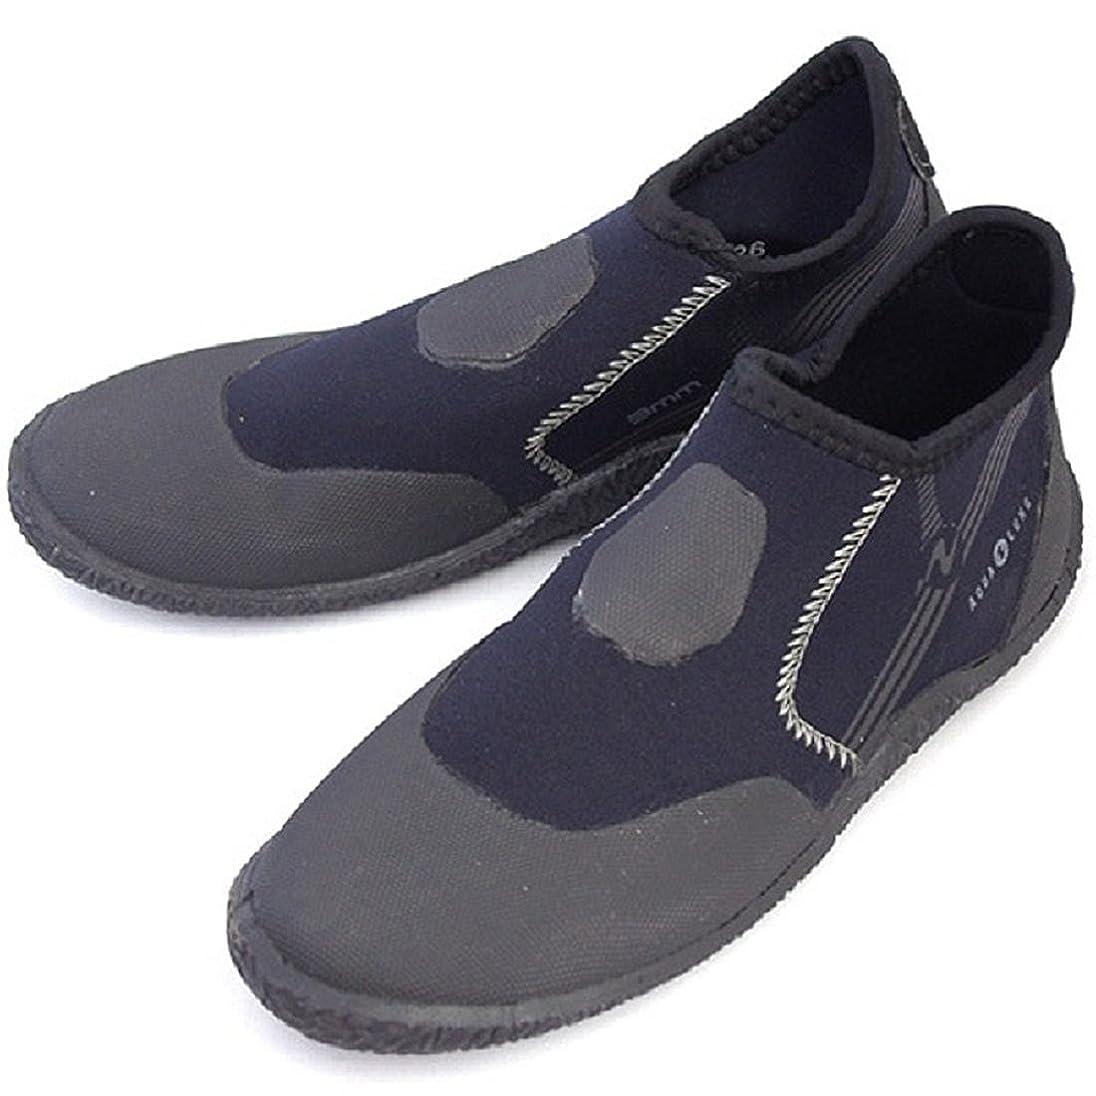 シンプルな接地冷蔵するAQUALUNG(アクアラング) マリンシューズ 3mm ショート(ポリネシアン) ブーツ (22cm)